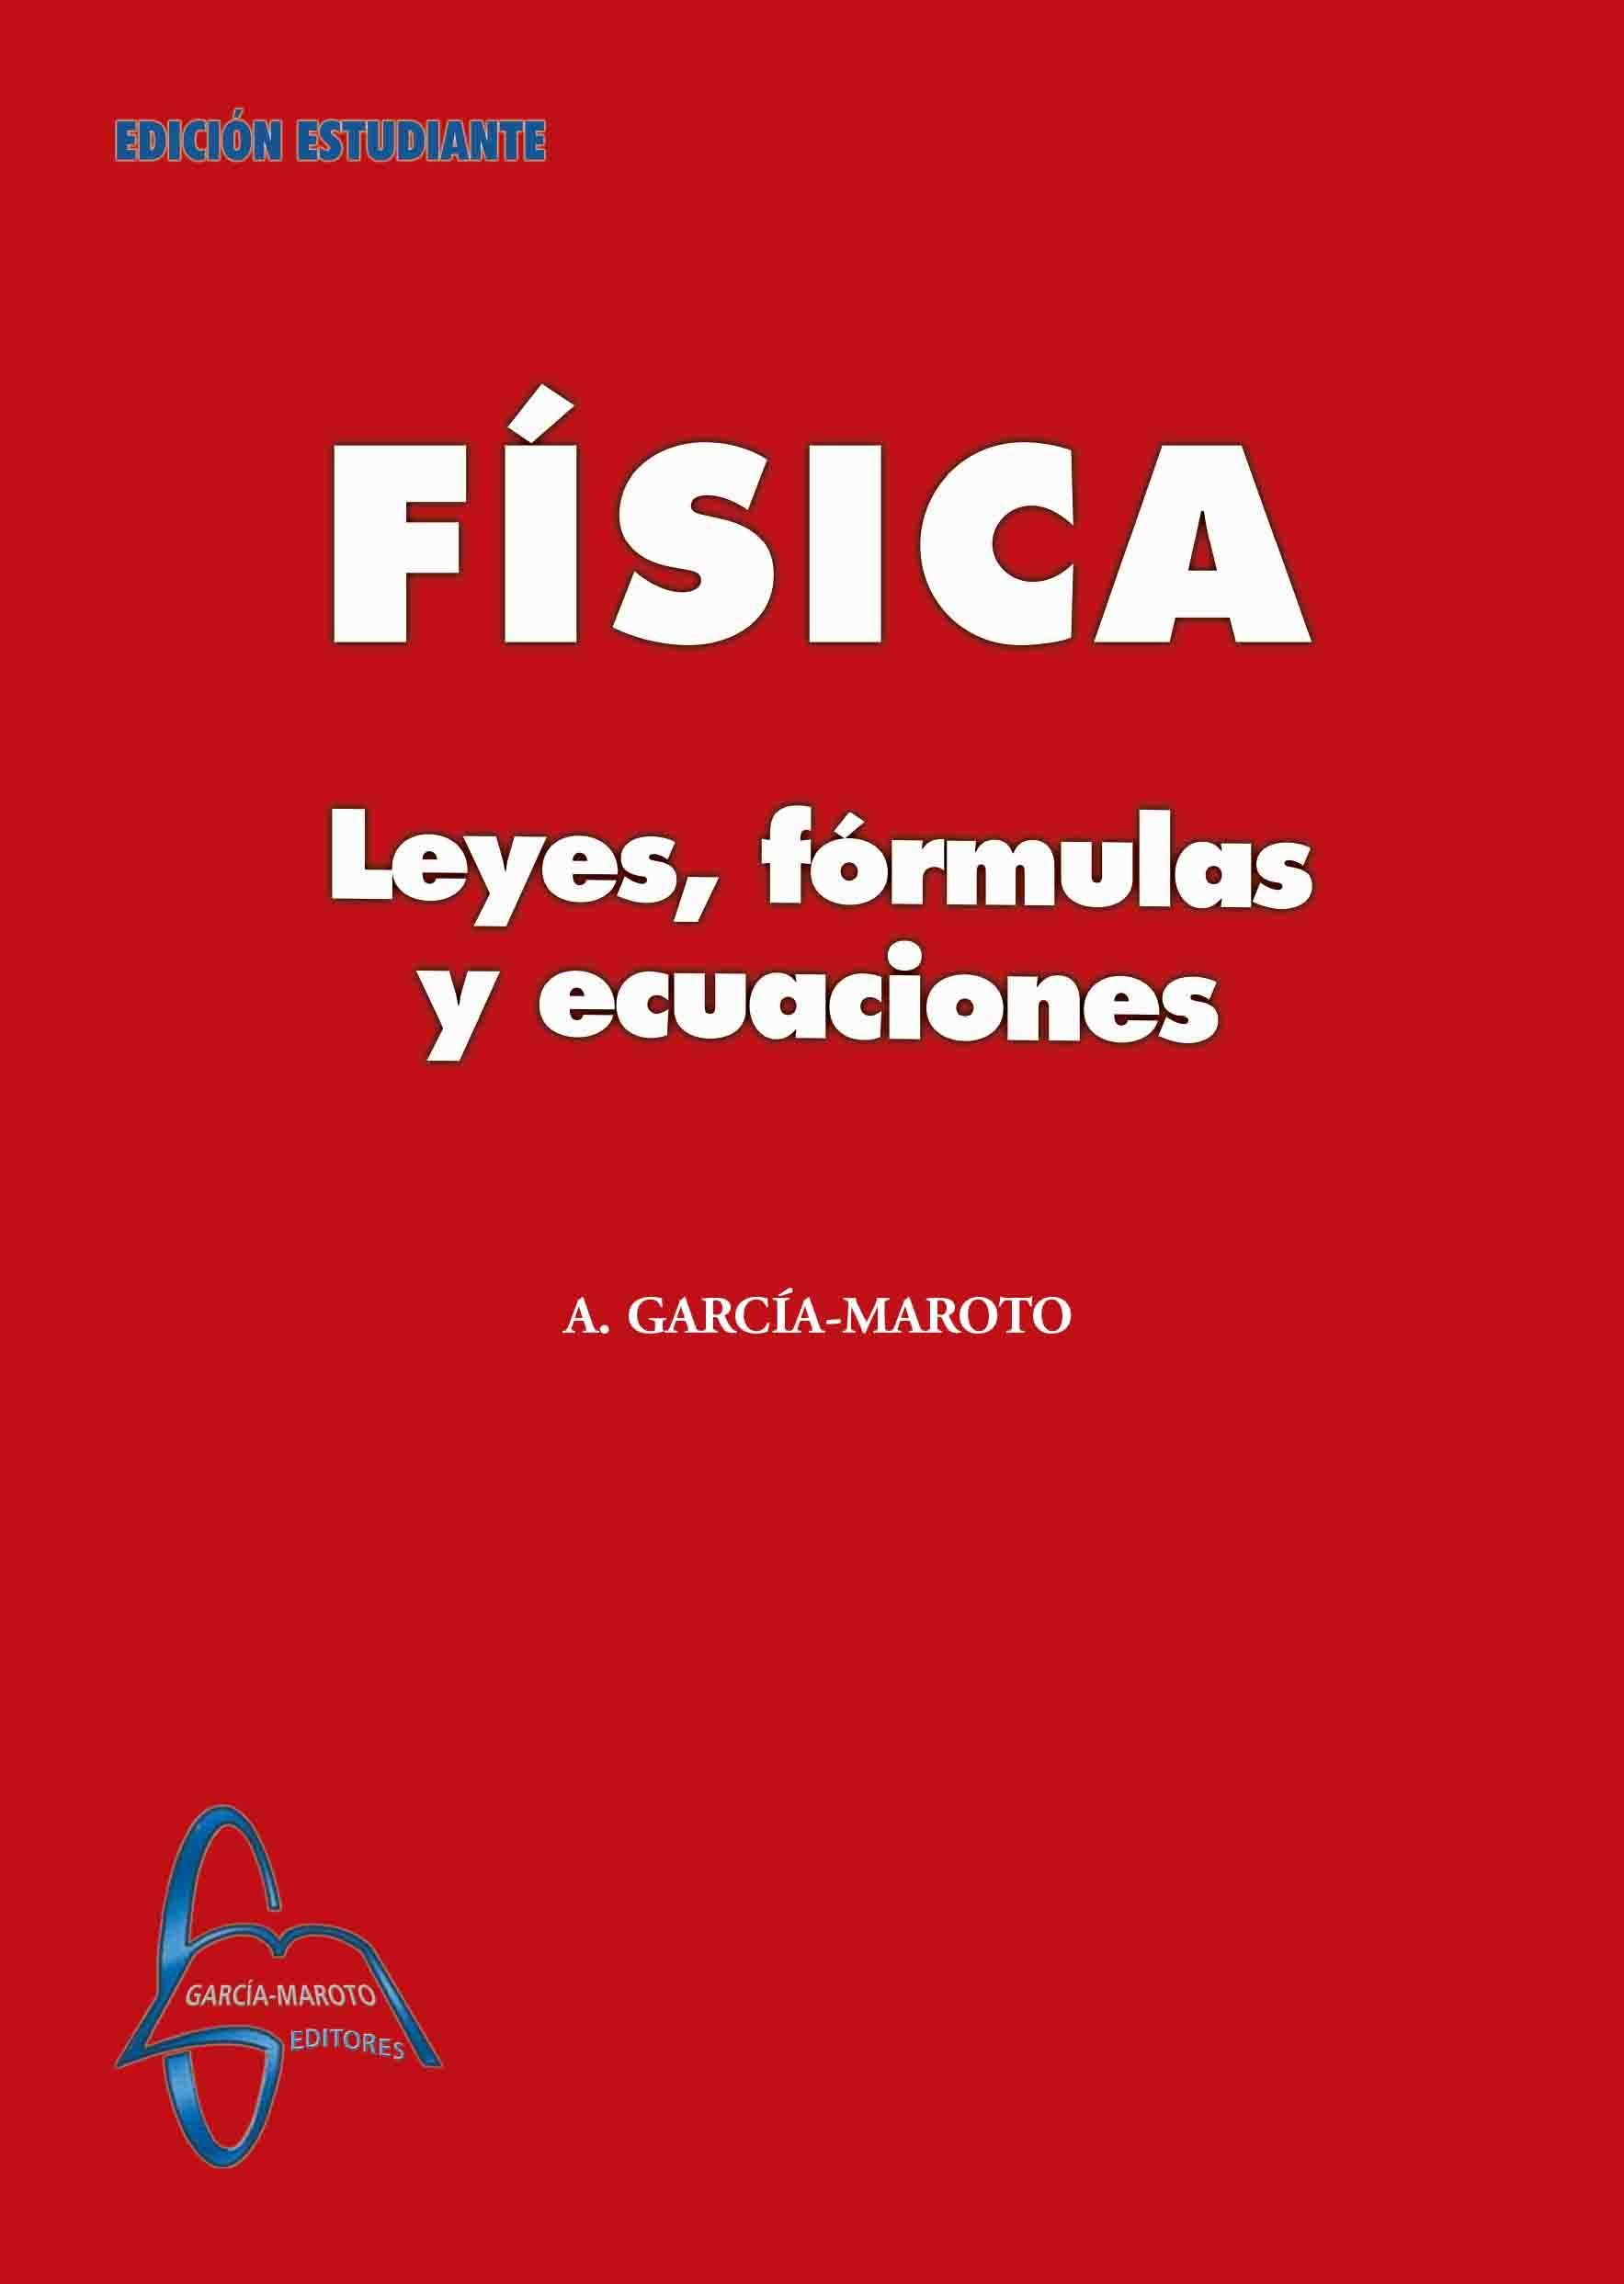 Fisica Leyes Formulas Y Ecuaciones Autor Antonio Garcia Maroto